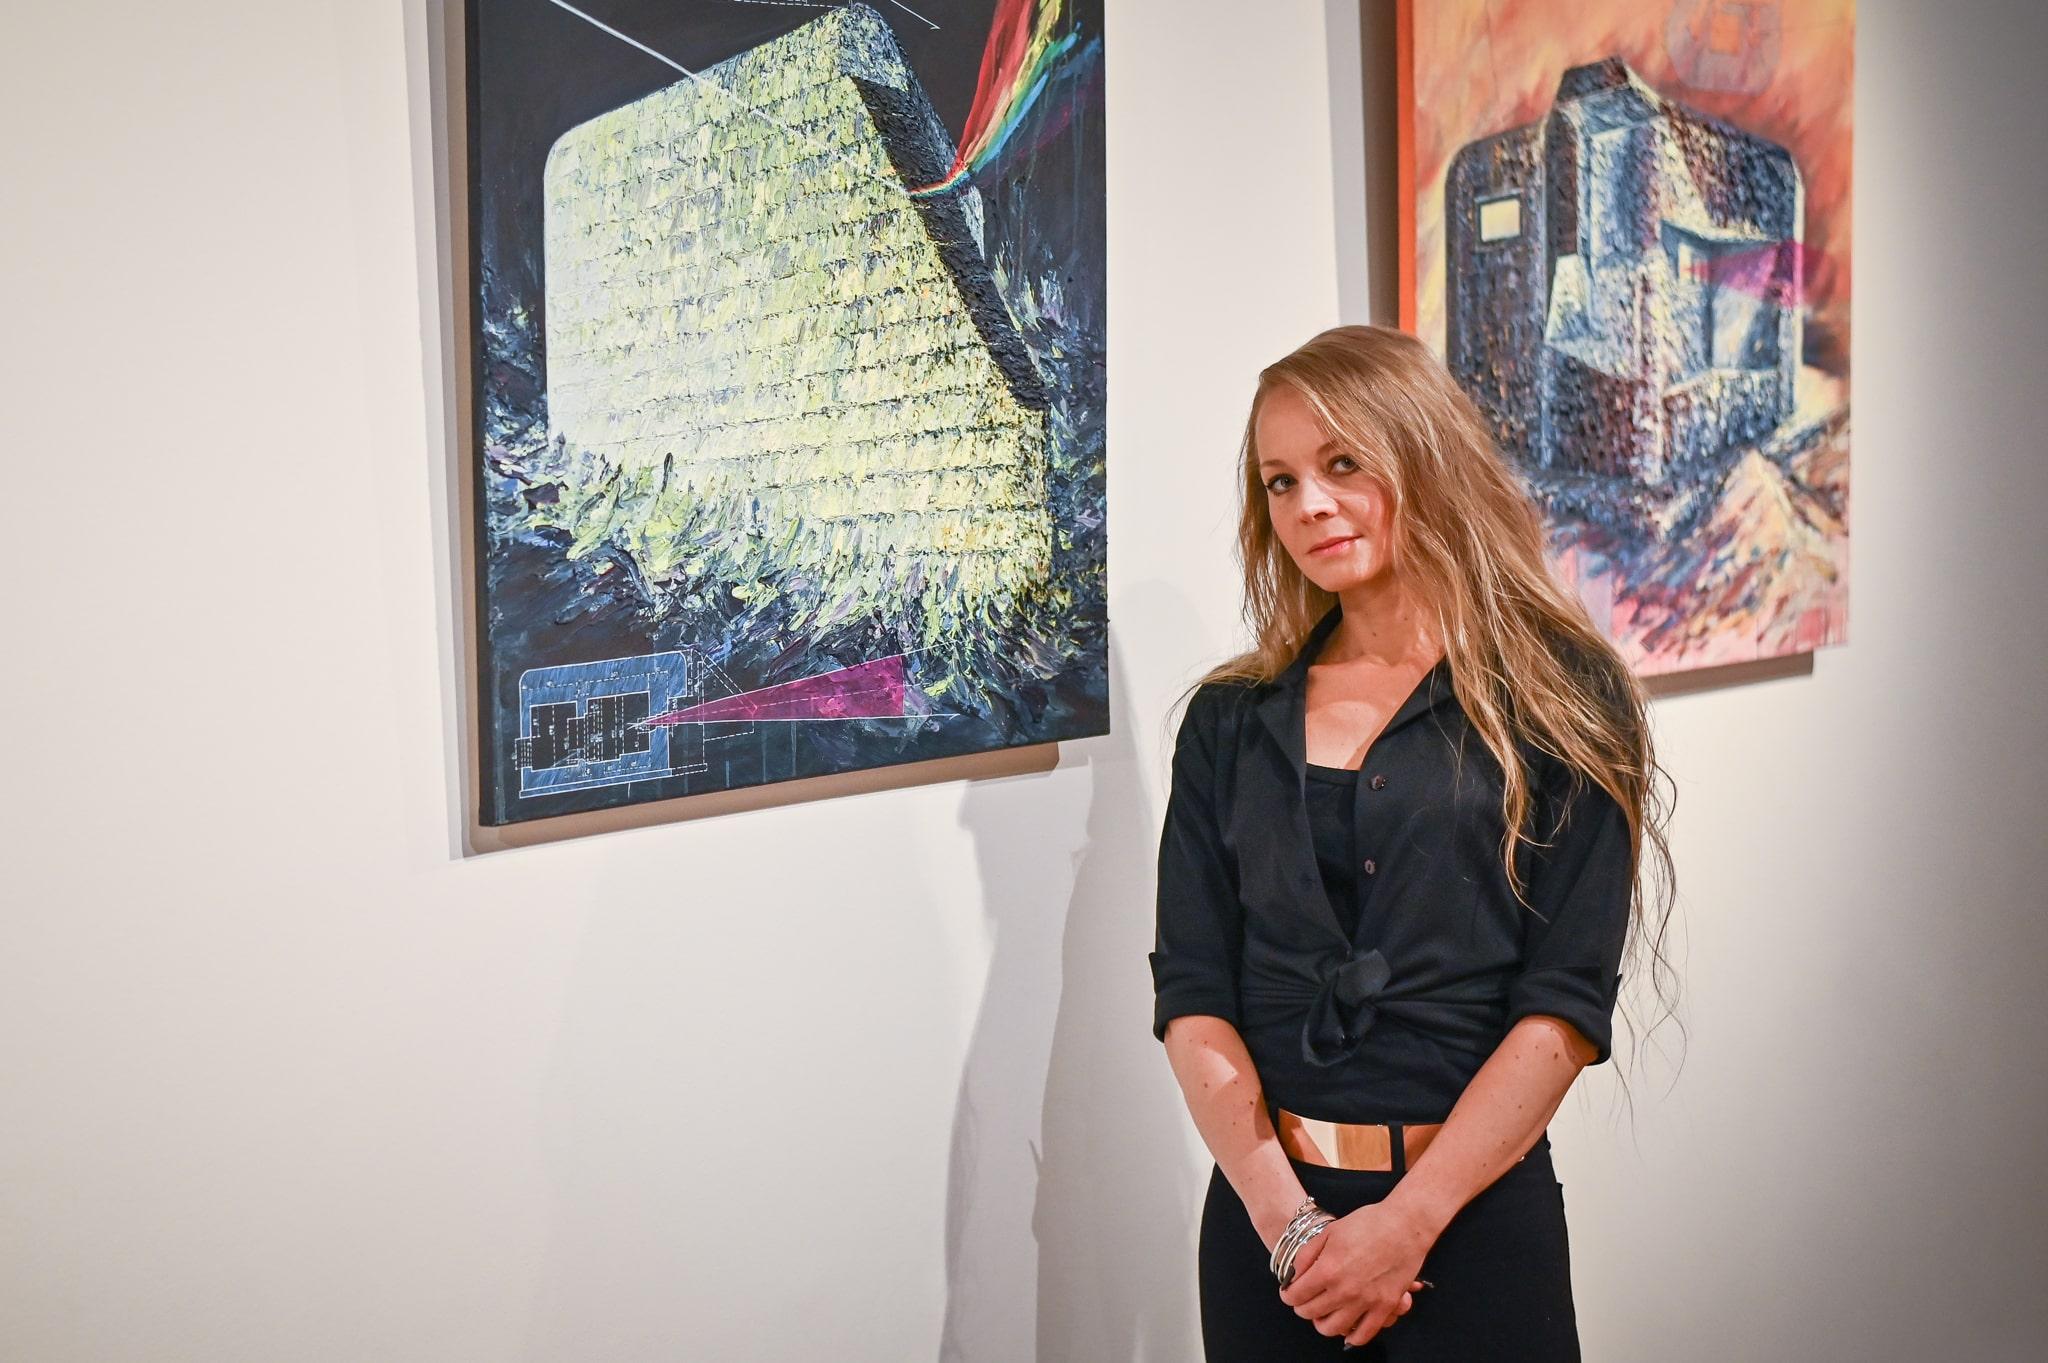 Magdalena Barczyk-Kurus, Lekcja anatomii, wystawa 2020, Ośrodek Promocji Kultury Gaude Mater w Częstochowie